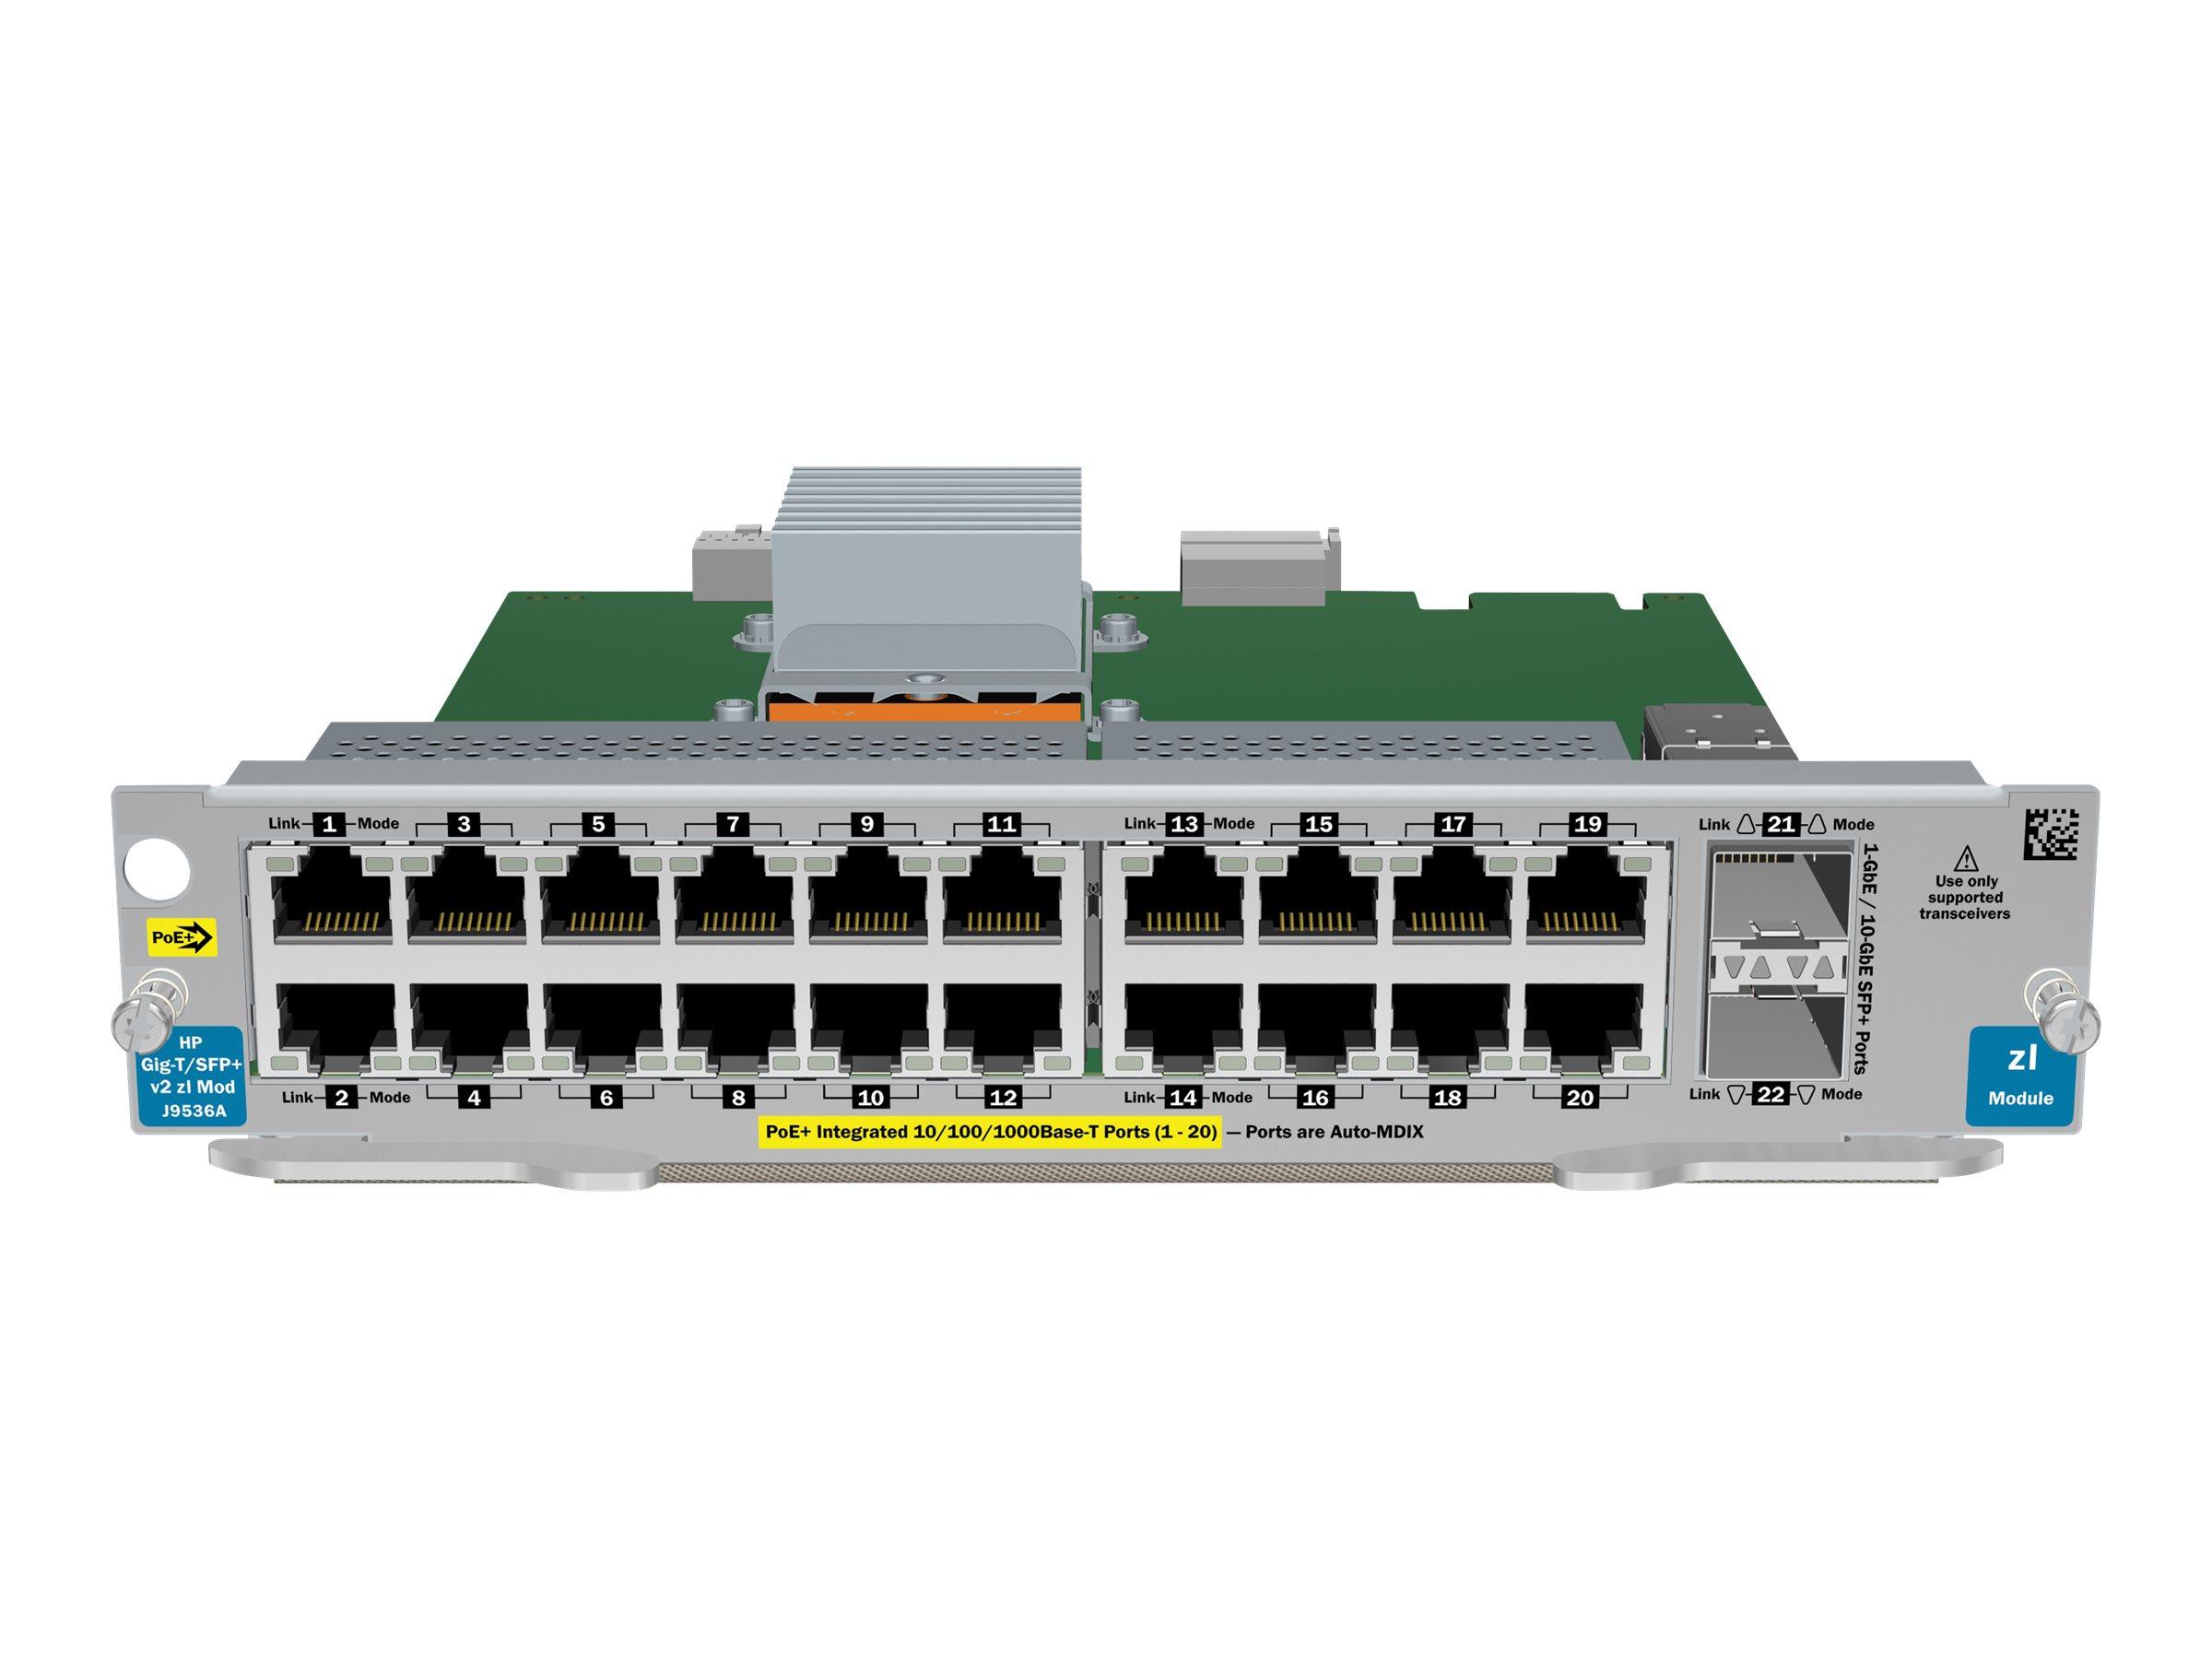 HPE - Erweiterungsmodul - Gigabit Ethernet (PoE+) x 20 + 10 Gigabit SFP+ x 2 + 2 x SFP+ - für HPE 8206, 8212; HPE Aruba 5406, 54